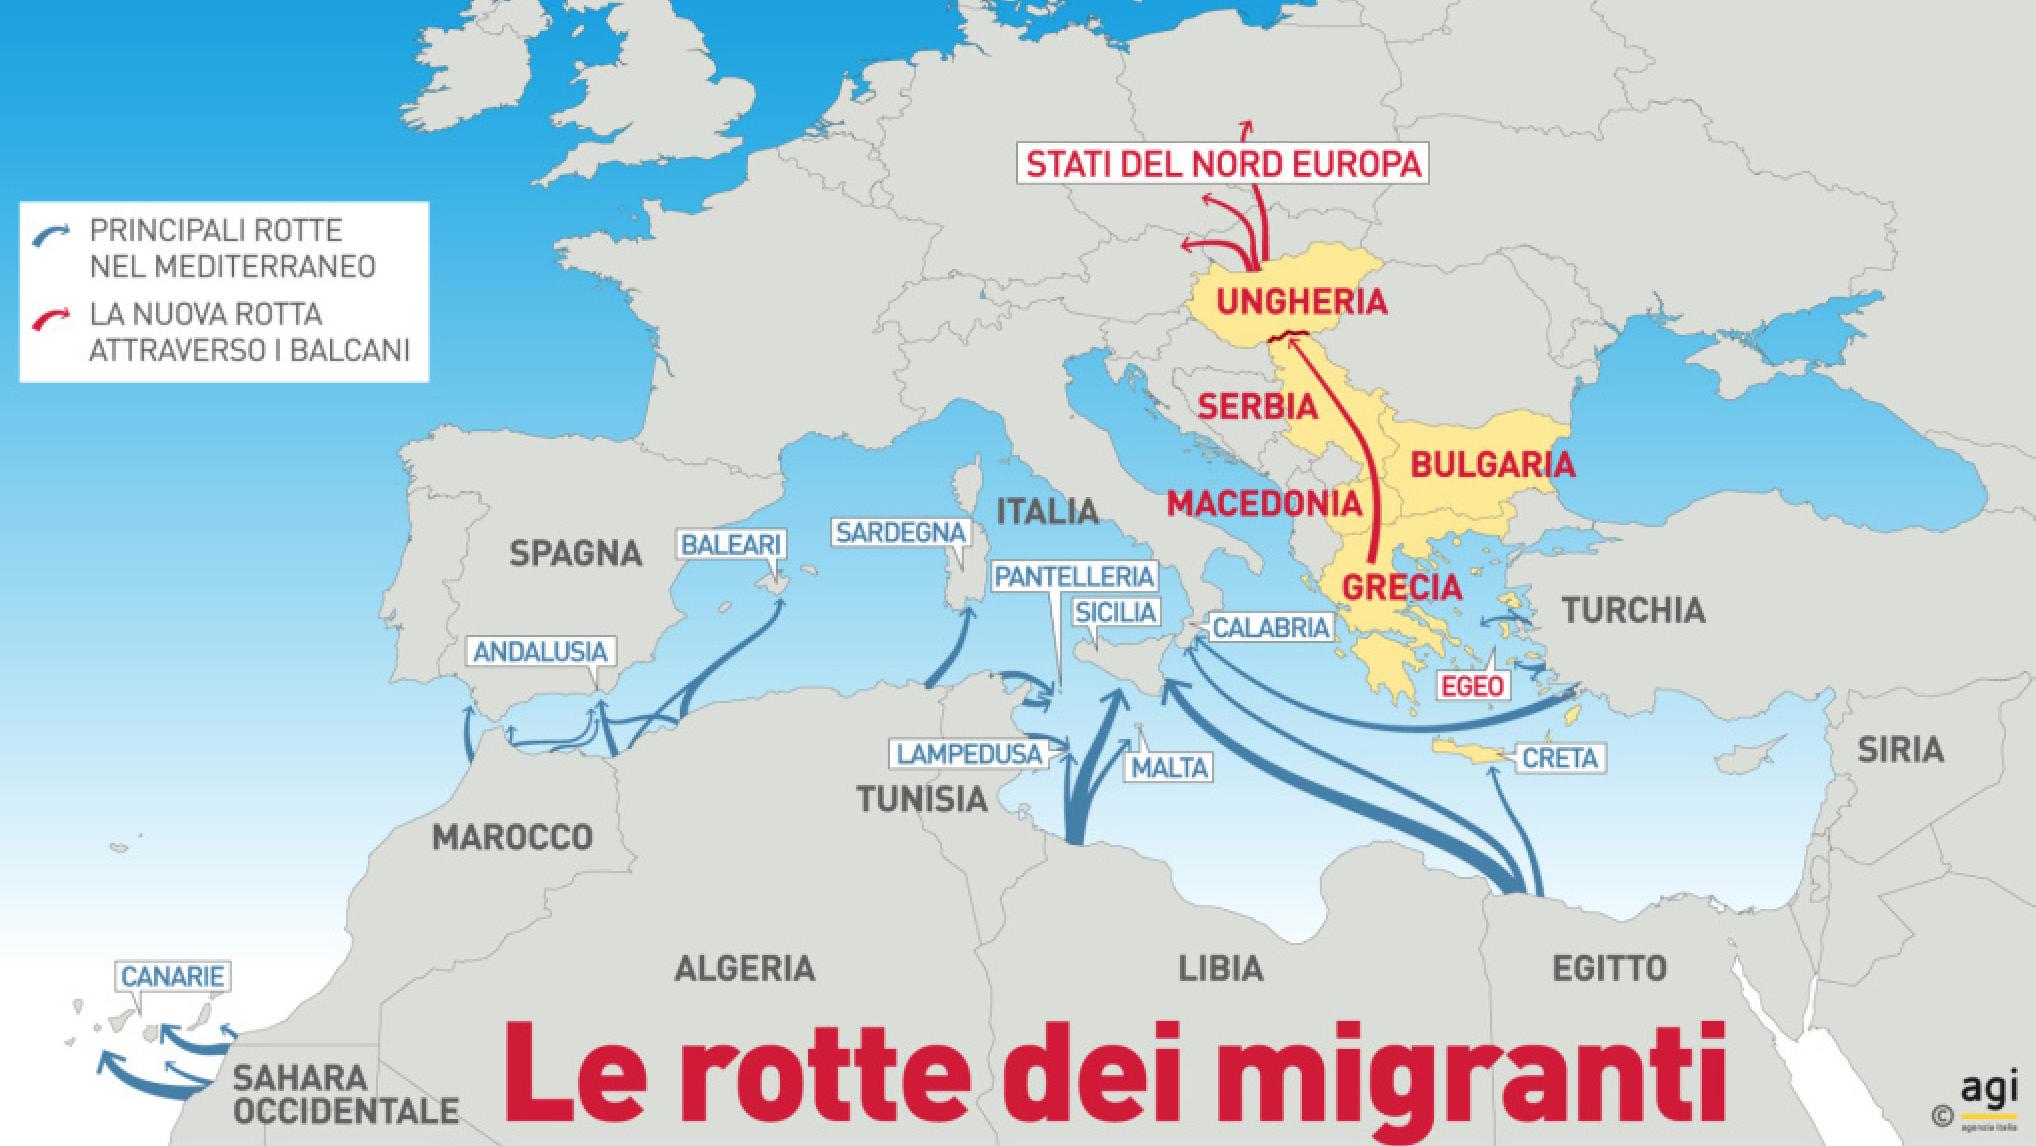 Le rotte dei migranti nel Mediterraneo verso l'Europa (studio AGI)